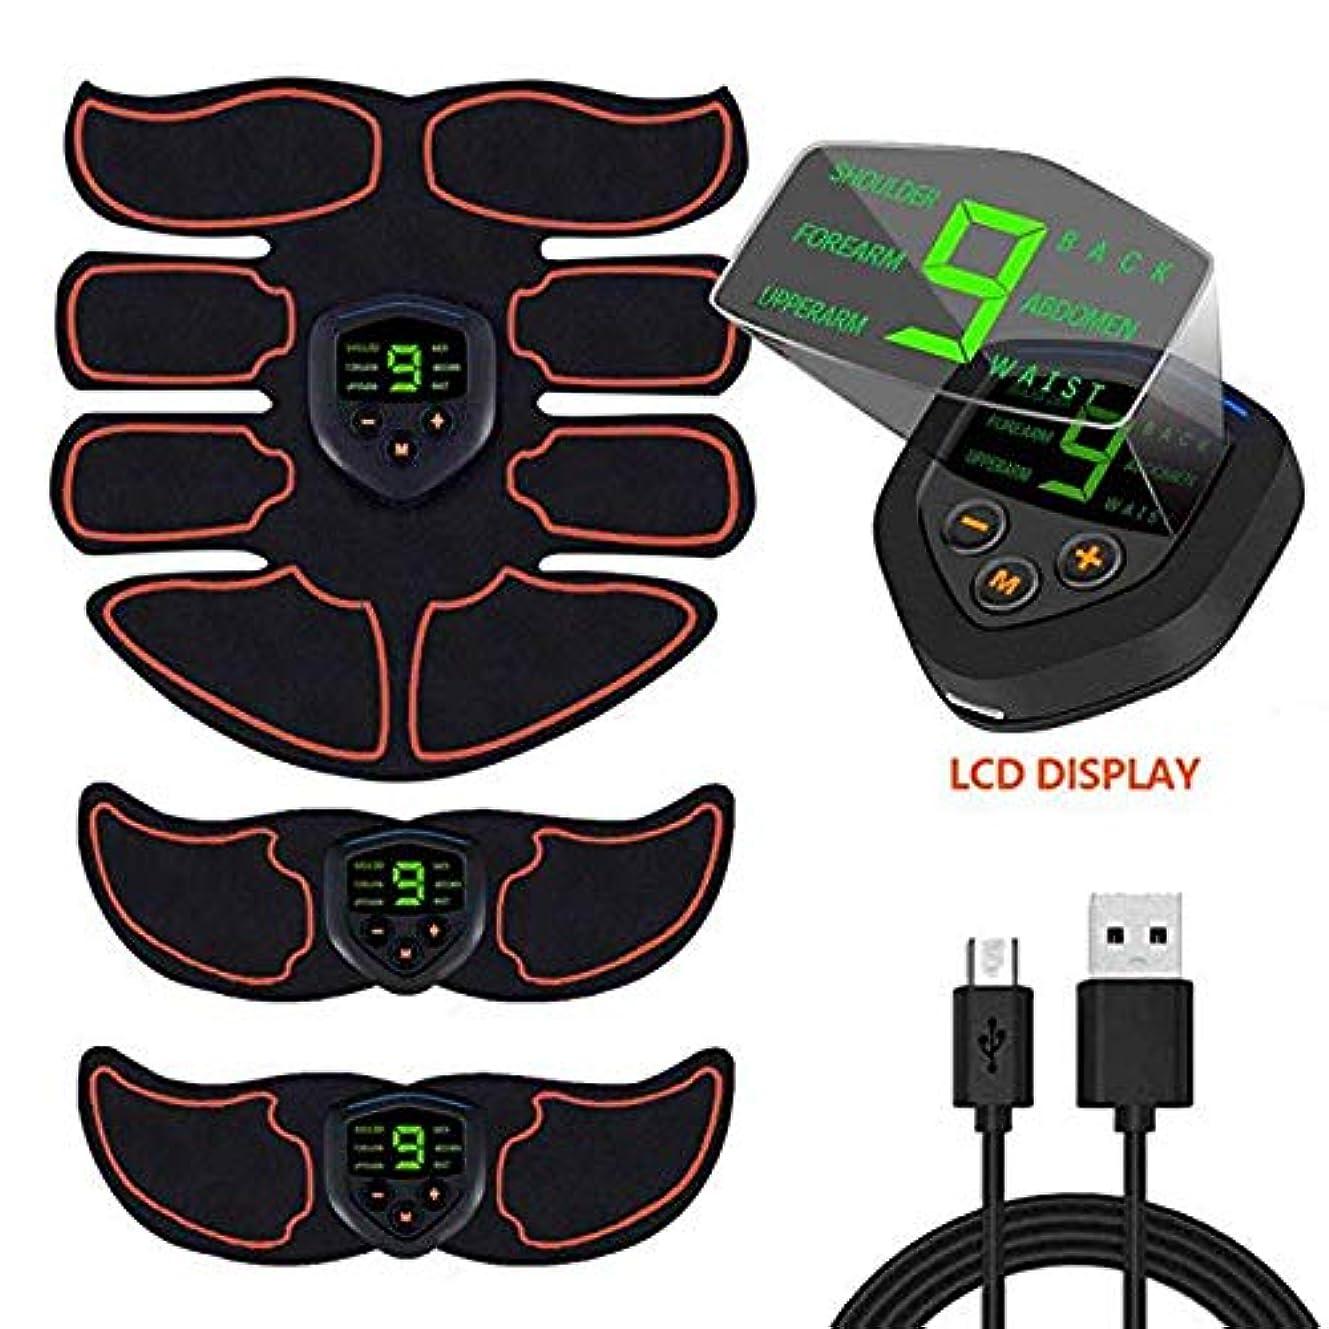 キャラバンバレルスポーツ男性と女性の腹部フィットネスマットの充電電気刺激装置EMS筋肉刺激USB。